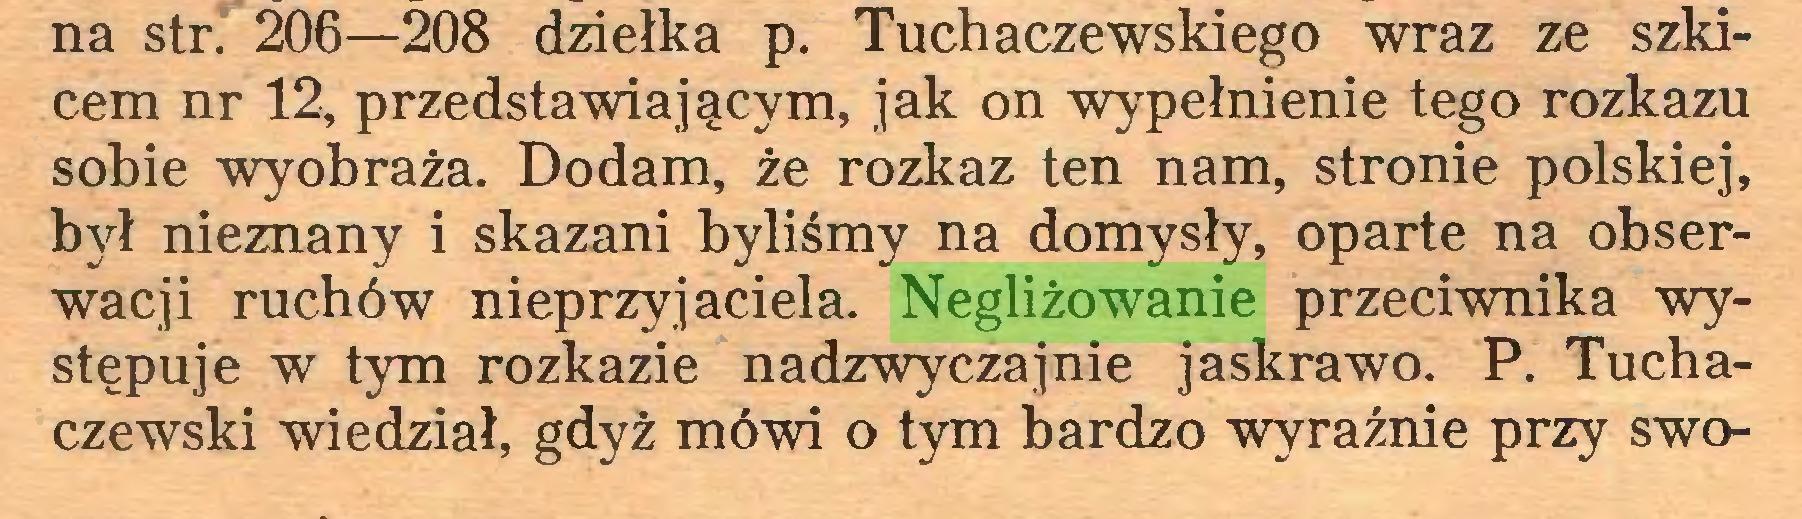 (...) na str. 206—208 dziełka p. Tuchaczewskiego wraz ze szkicem nr 12, przedstawiającym, jak on wypełnienie tego rozkazu sobie wyobraża. Dodam, że rozkaz ten nam, strome polskiej, był nieznany i skazani byliśmy na domysły, oparte na obserwacji ruchów nieprzyjaciela. Negliżowanie przeciwnika występuje w tym rozkazie nadzwyczajnie jaskrawo. P. Tuchaczewski wiedział, gdyż mówi o tym bardzo wyraźnie przy swo...